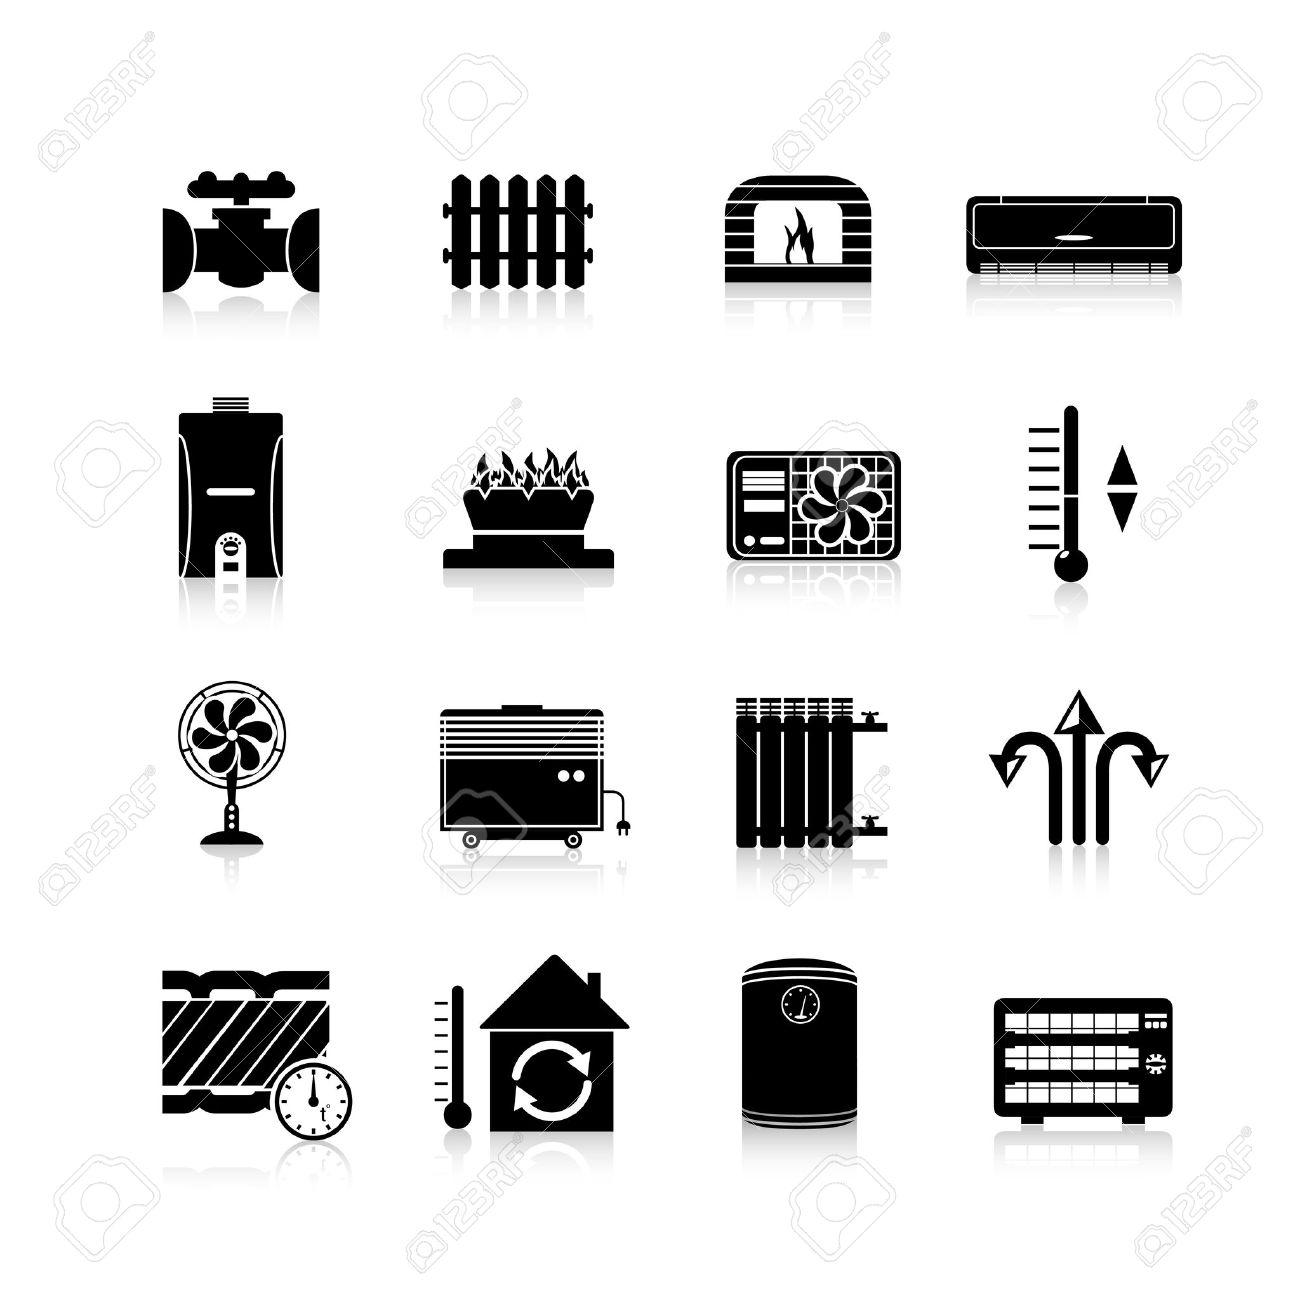 Nett Elektrische Symbole Des Haushalts Zeitgenössisch - Elektrische ...